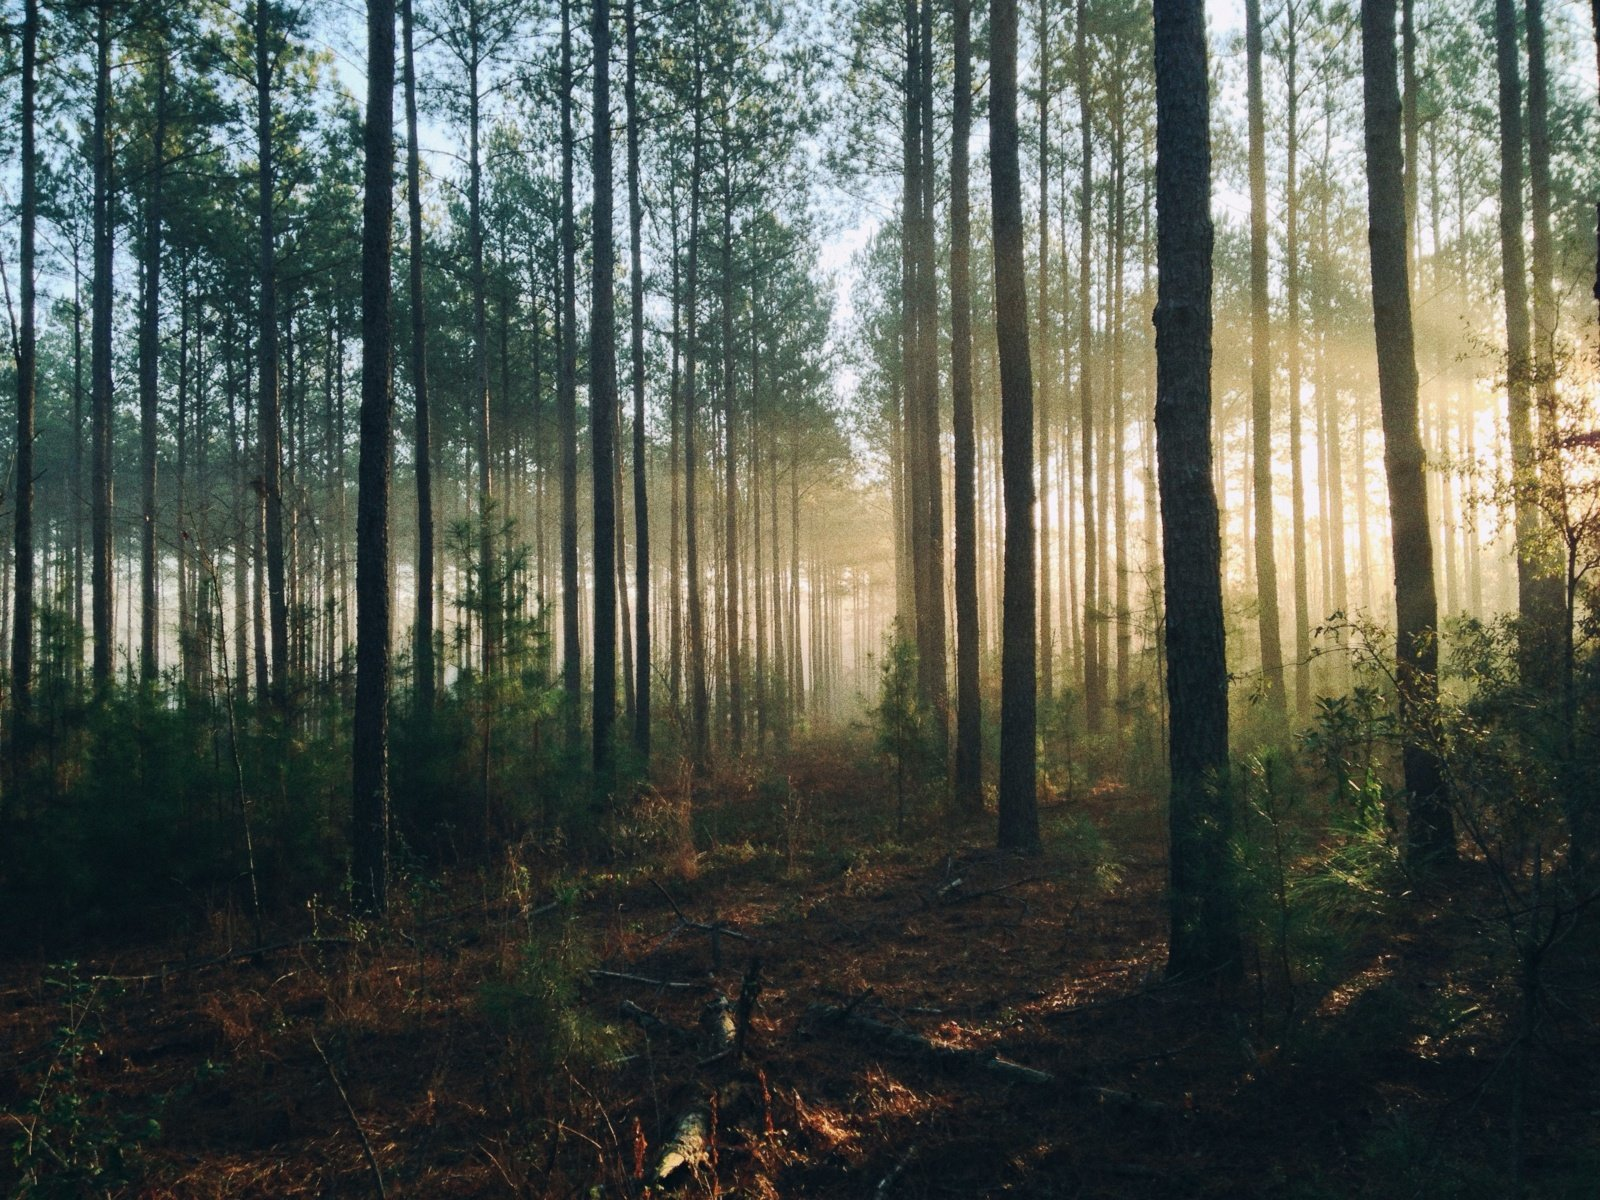 Praėjusią savaitę apie galimus aplinkosauginius pažeidimus gauta 480 pranešimų